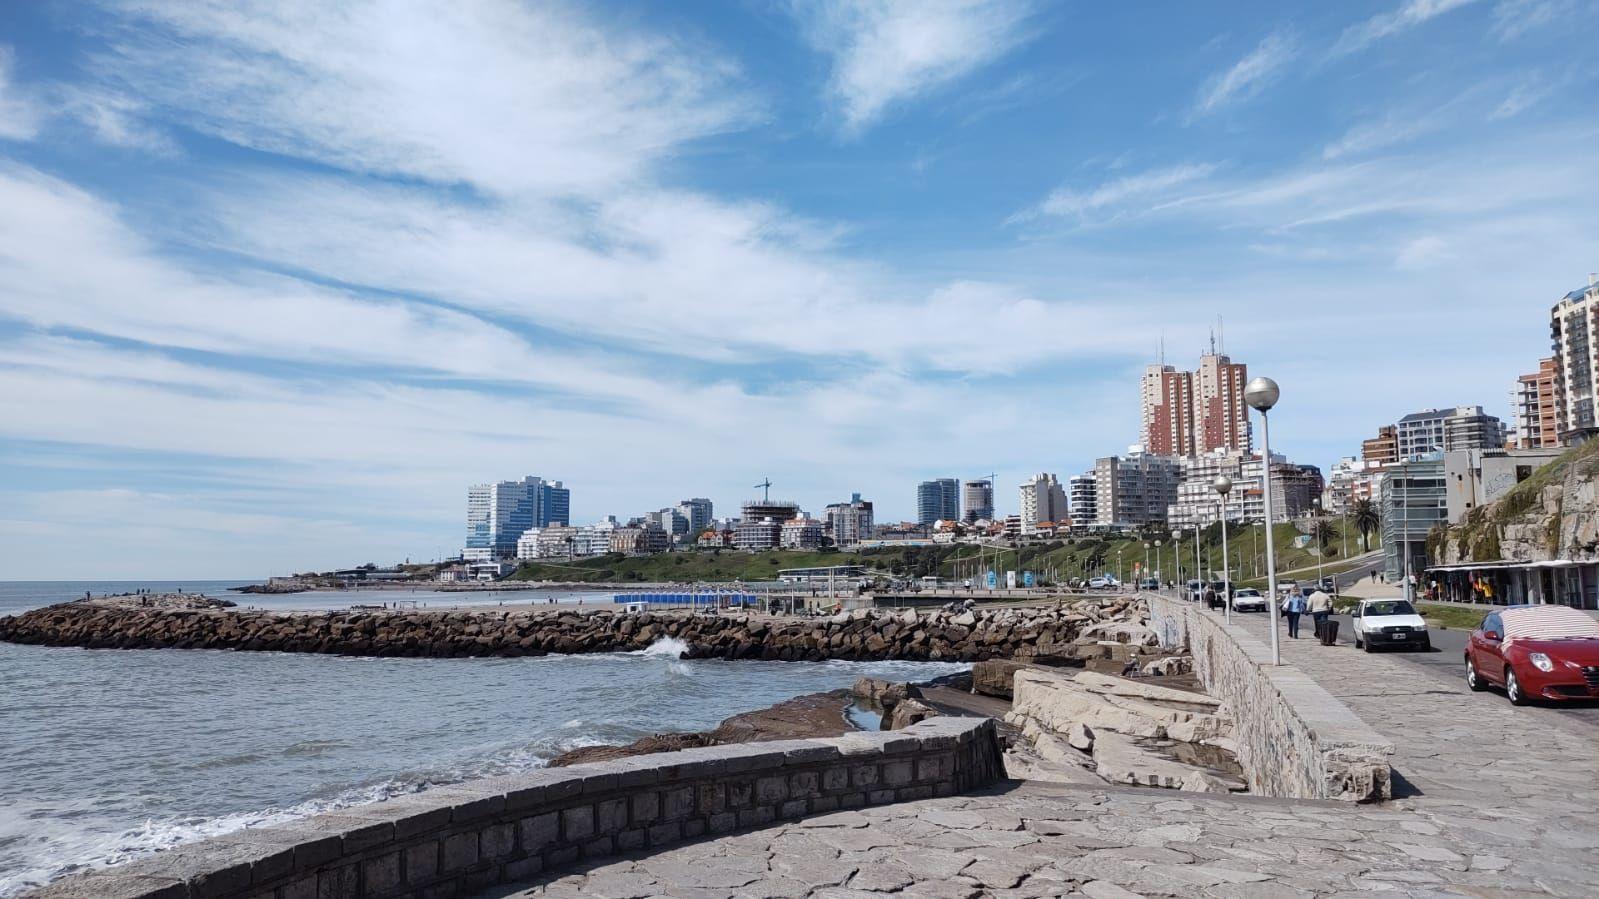 La Provincia de Buenos Aires fue el distritos más visitado con la Costa Atlàntica comoi punto más afluido